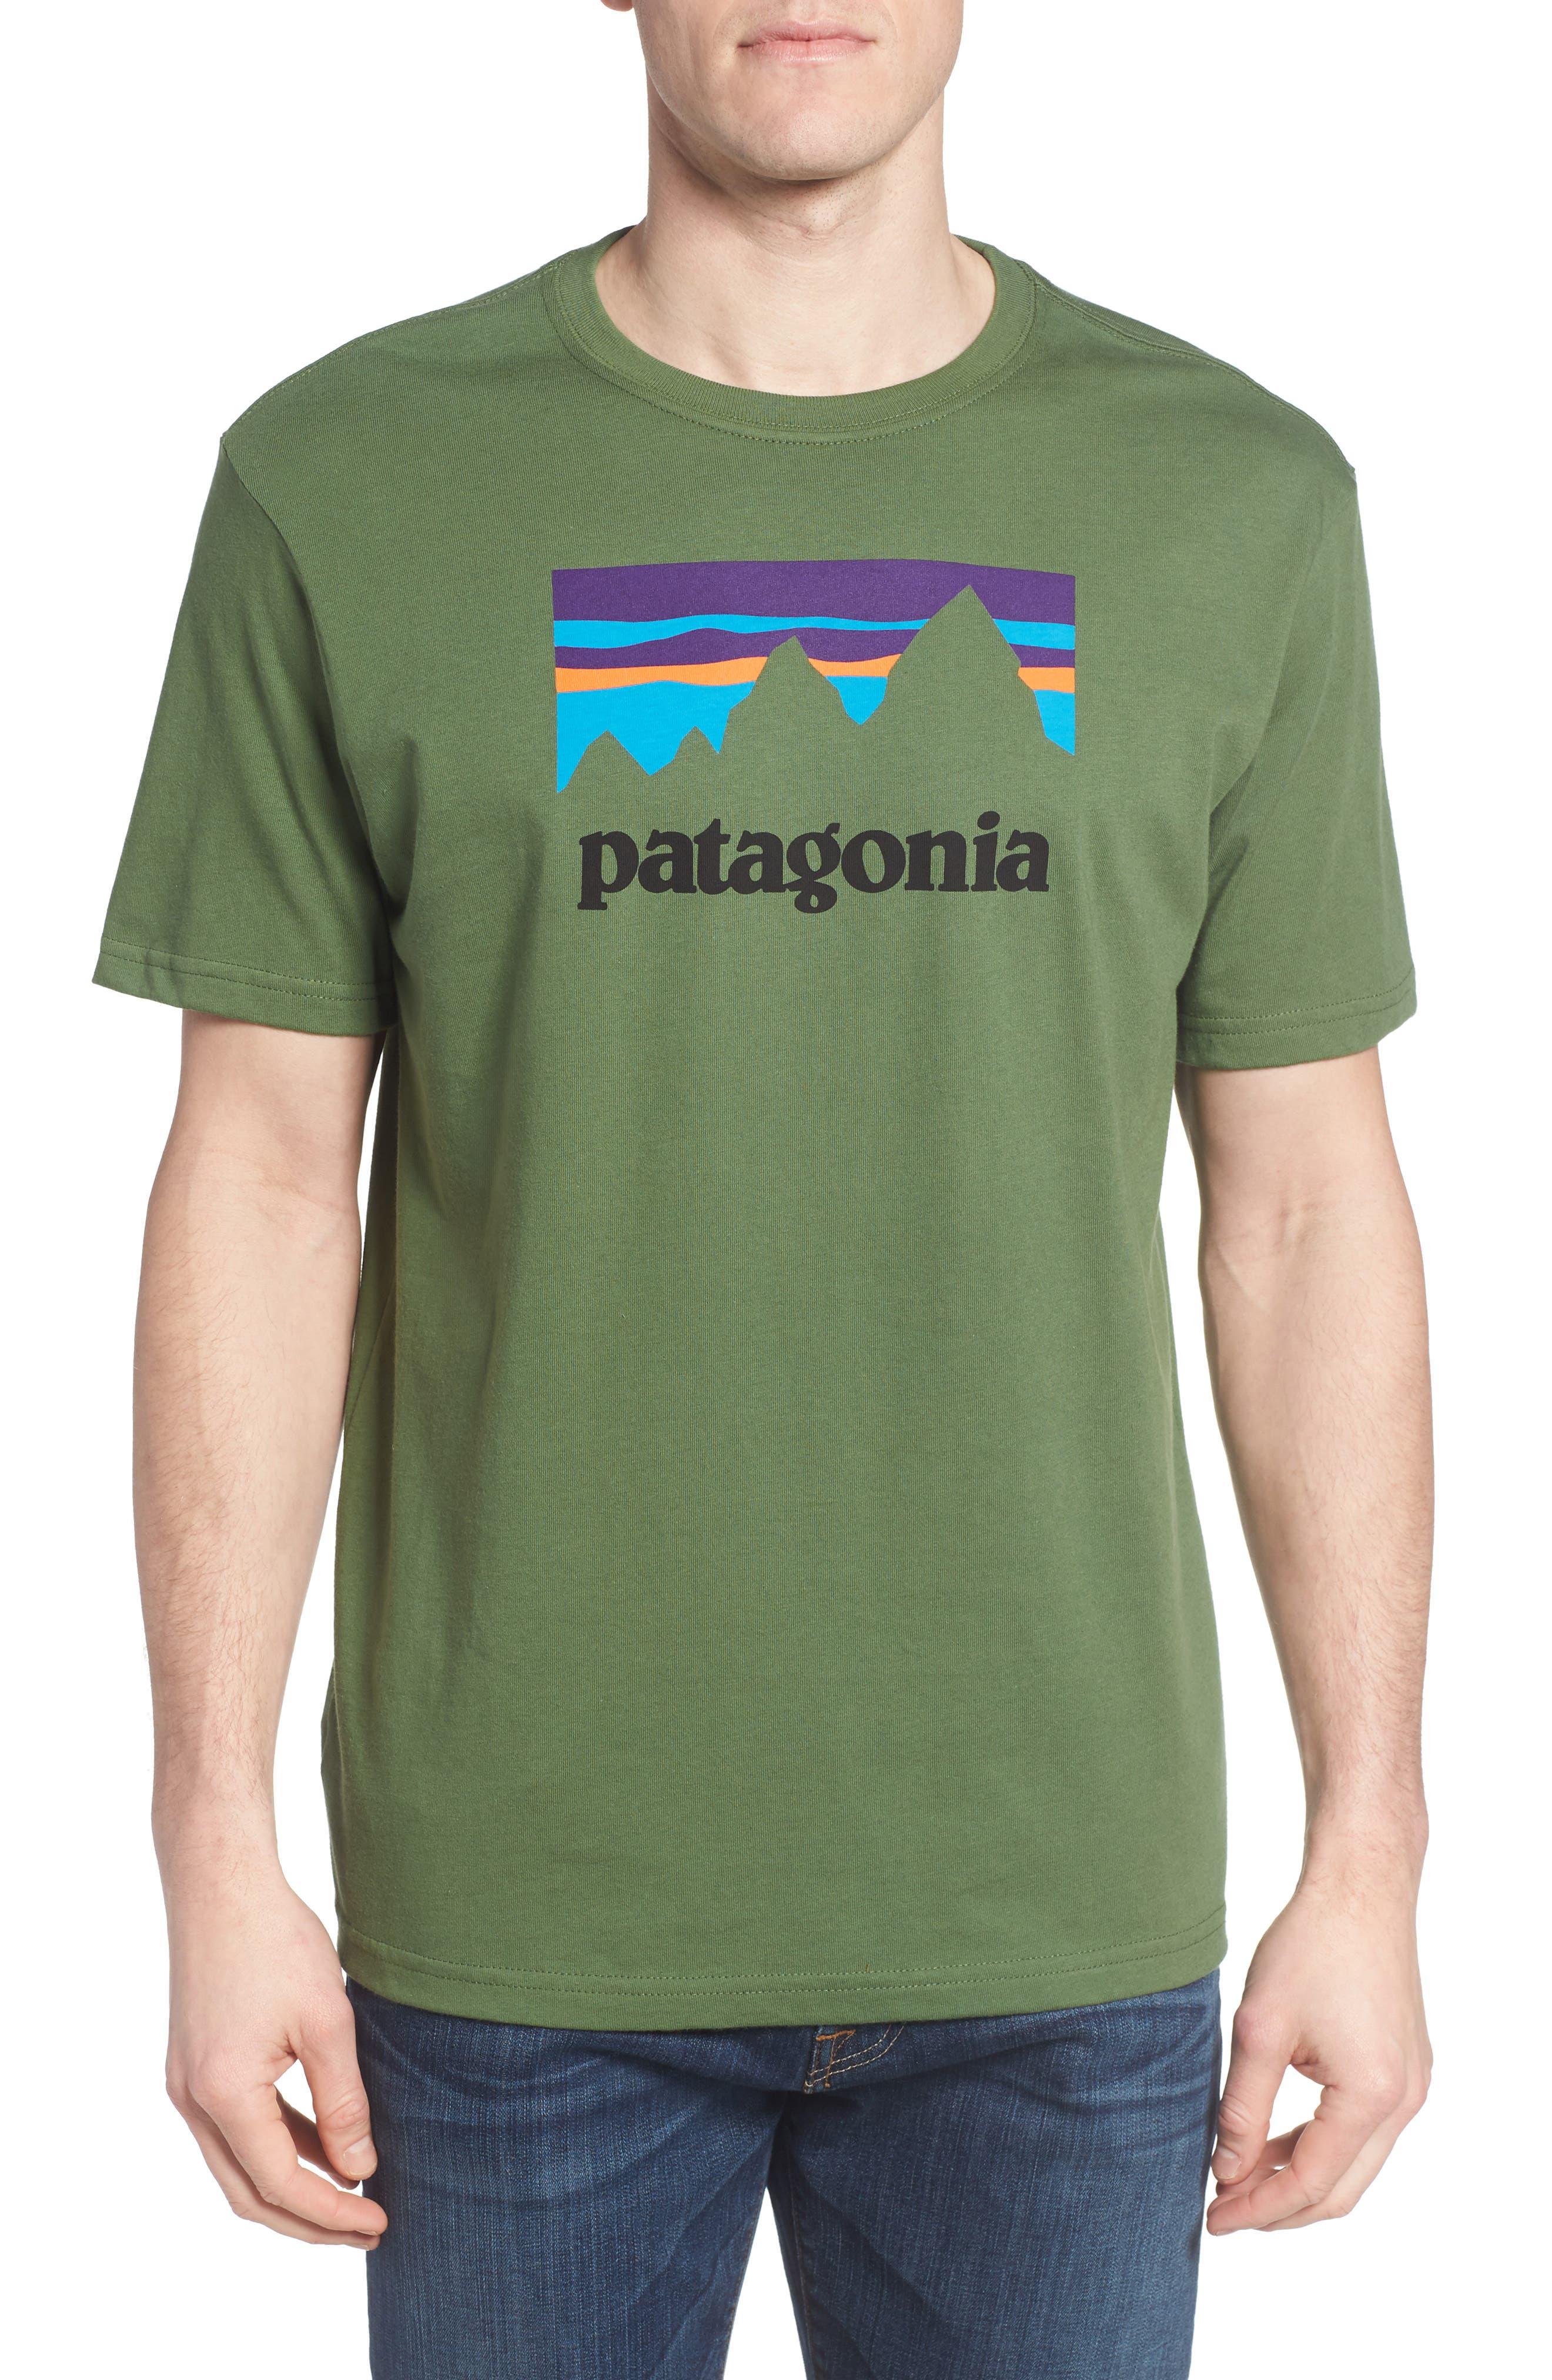 Patagonia Shop Sticker Regular Fit T-Shirt